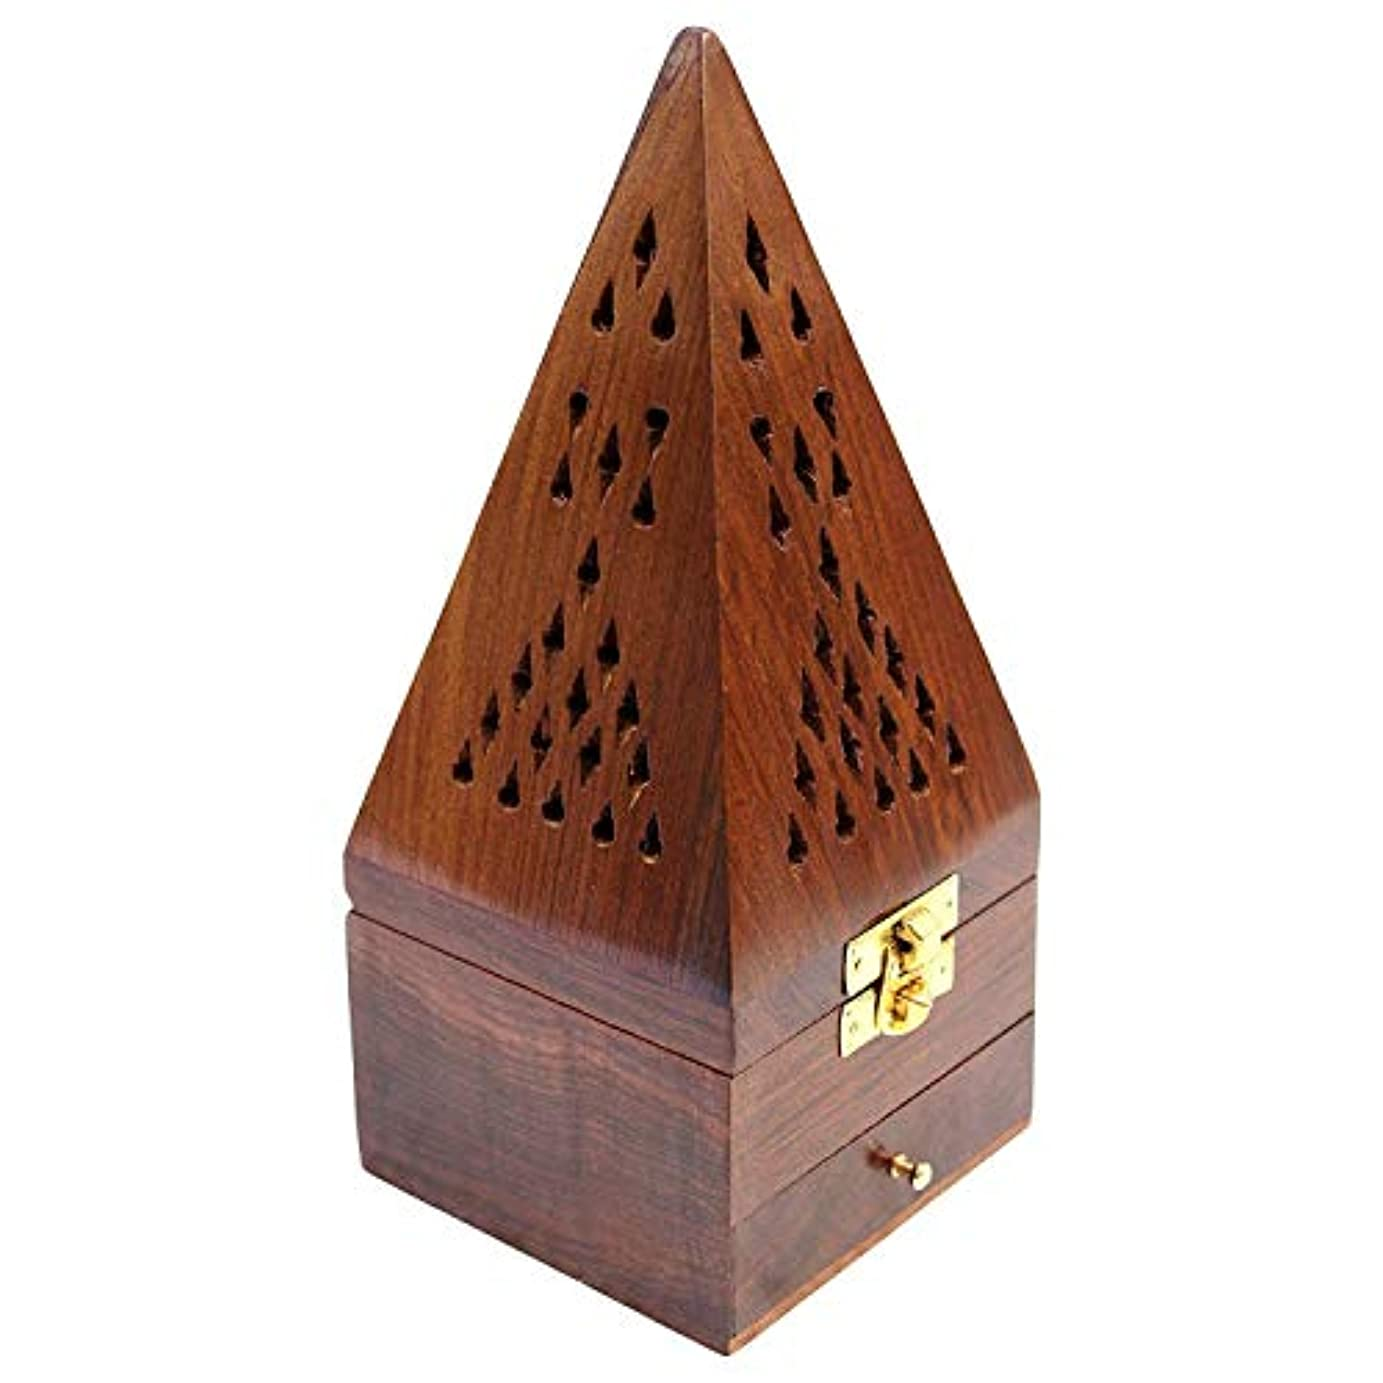 精神州狂ったCraftatoz Wooden Handicrafts Handmade Wooden Incense Sticks Holder Wooden Pyramid Incense Box Fragrance Stand...